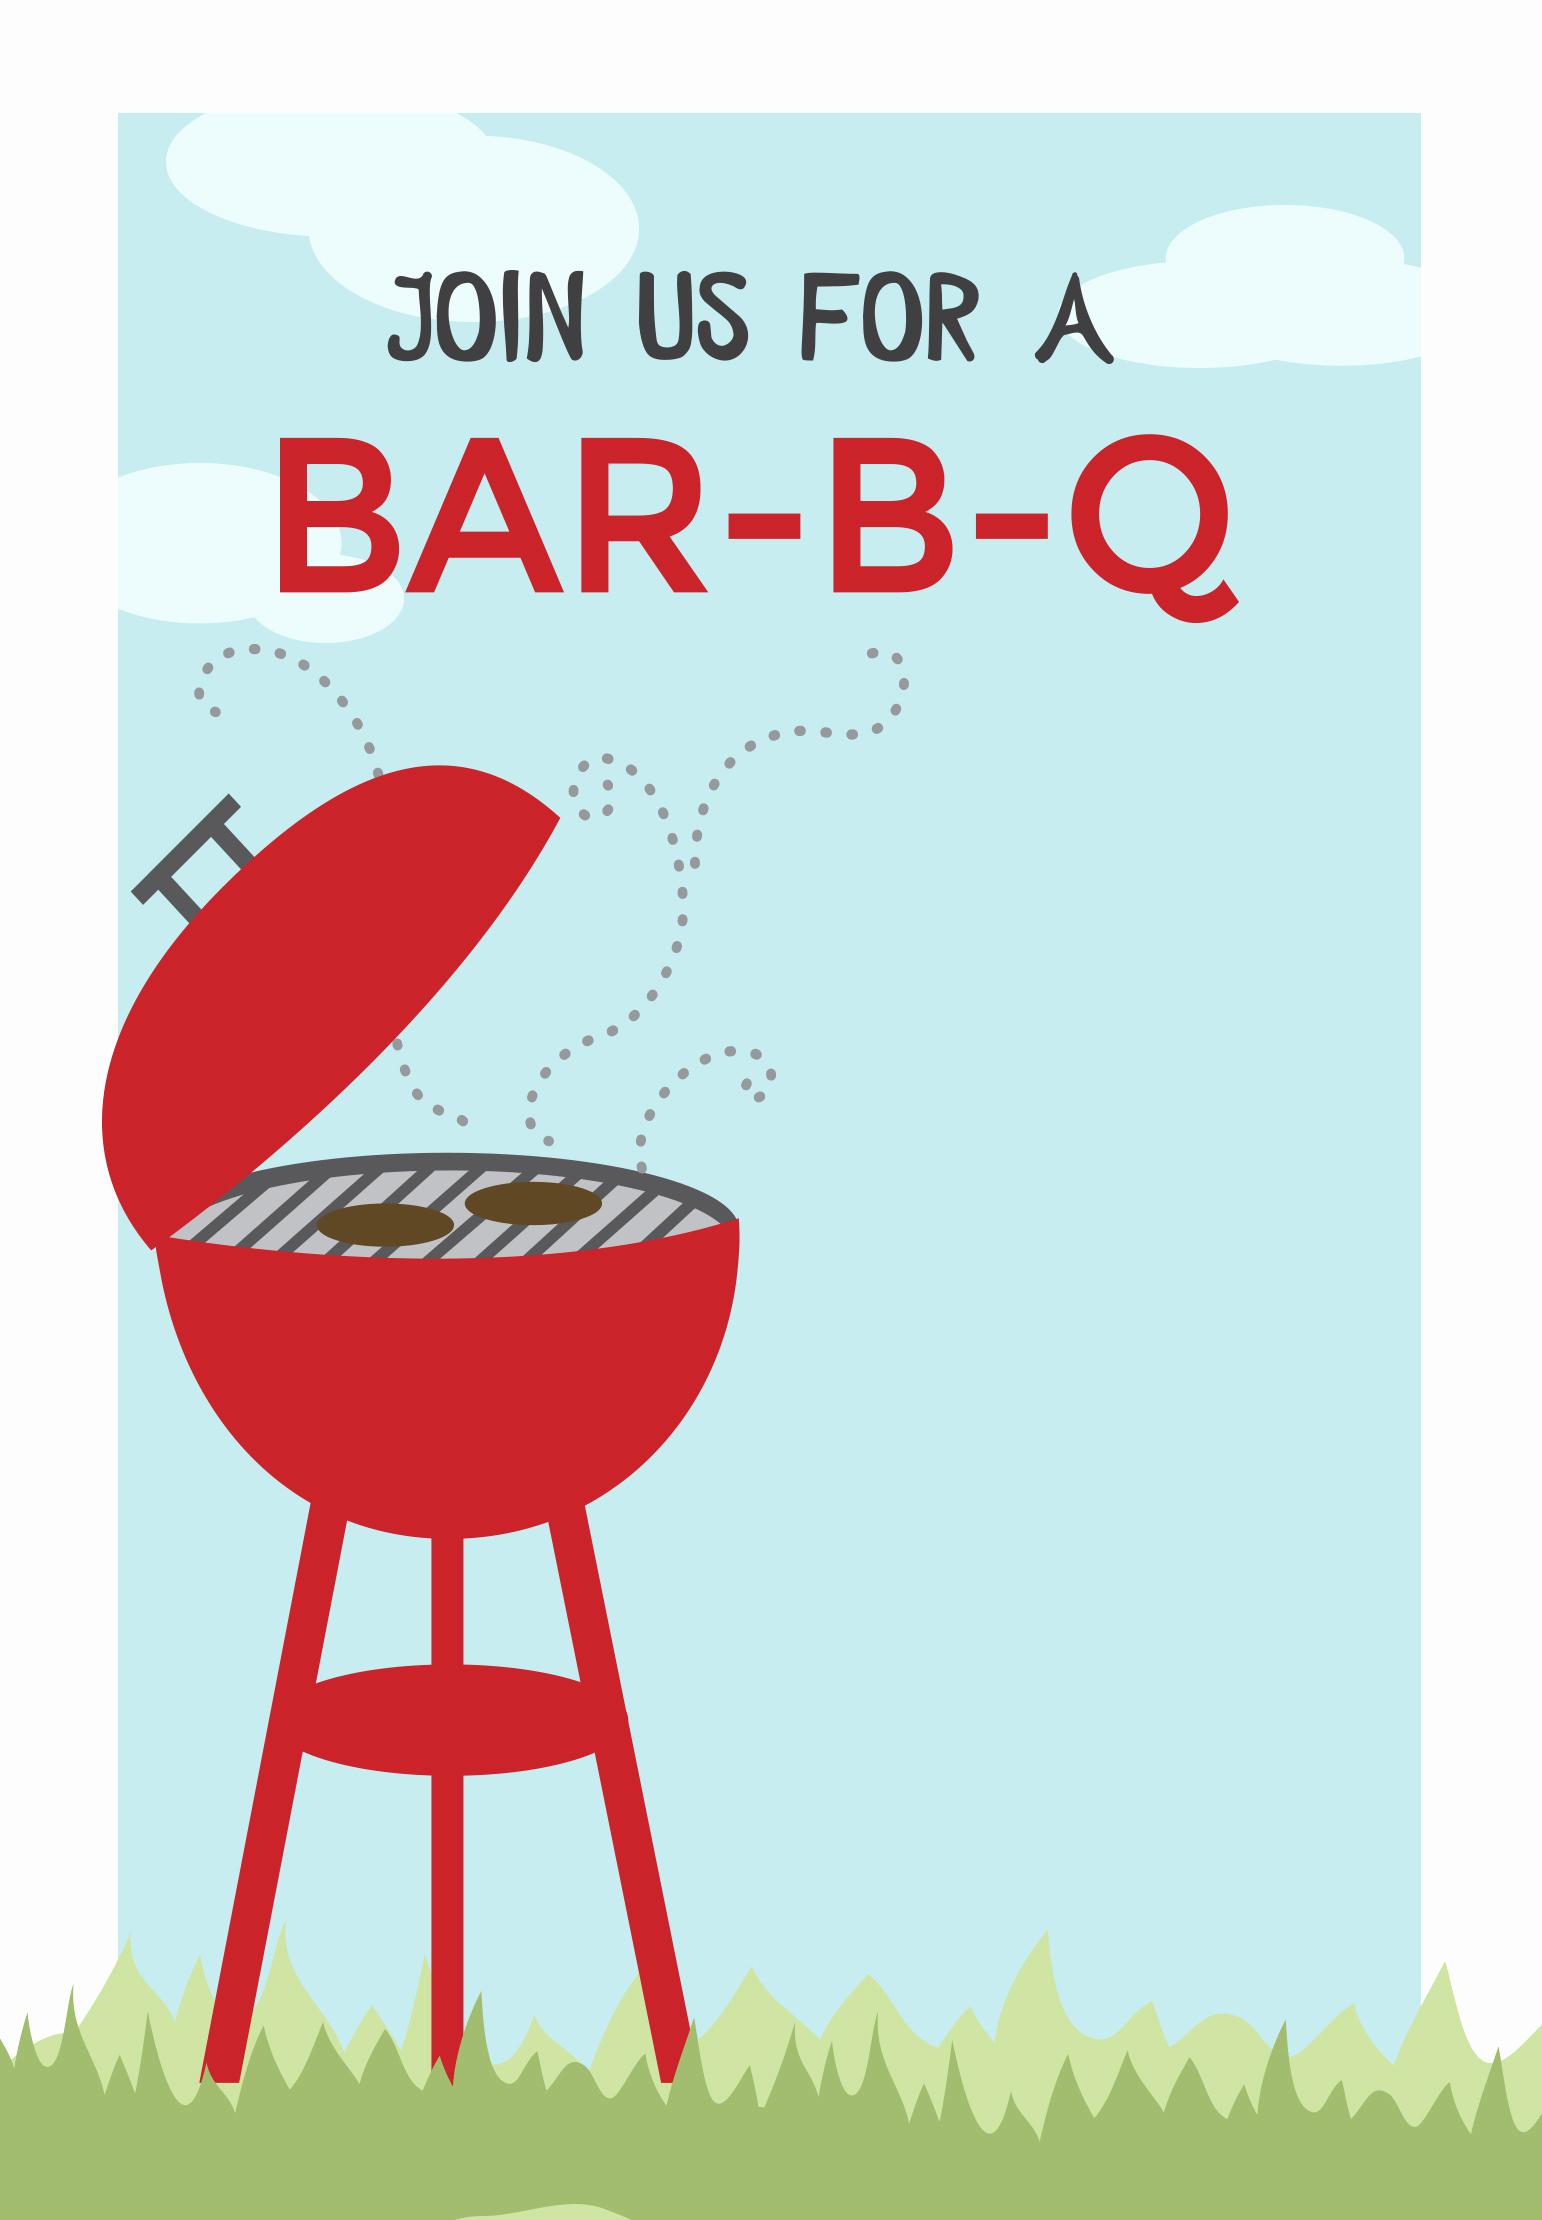 Free Bbq Invitation Template Elegant Bbq Cookout Free Printable Bbq Party Invitation Template